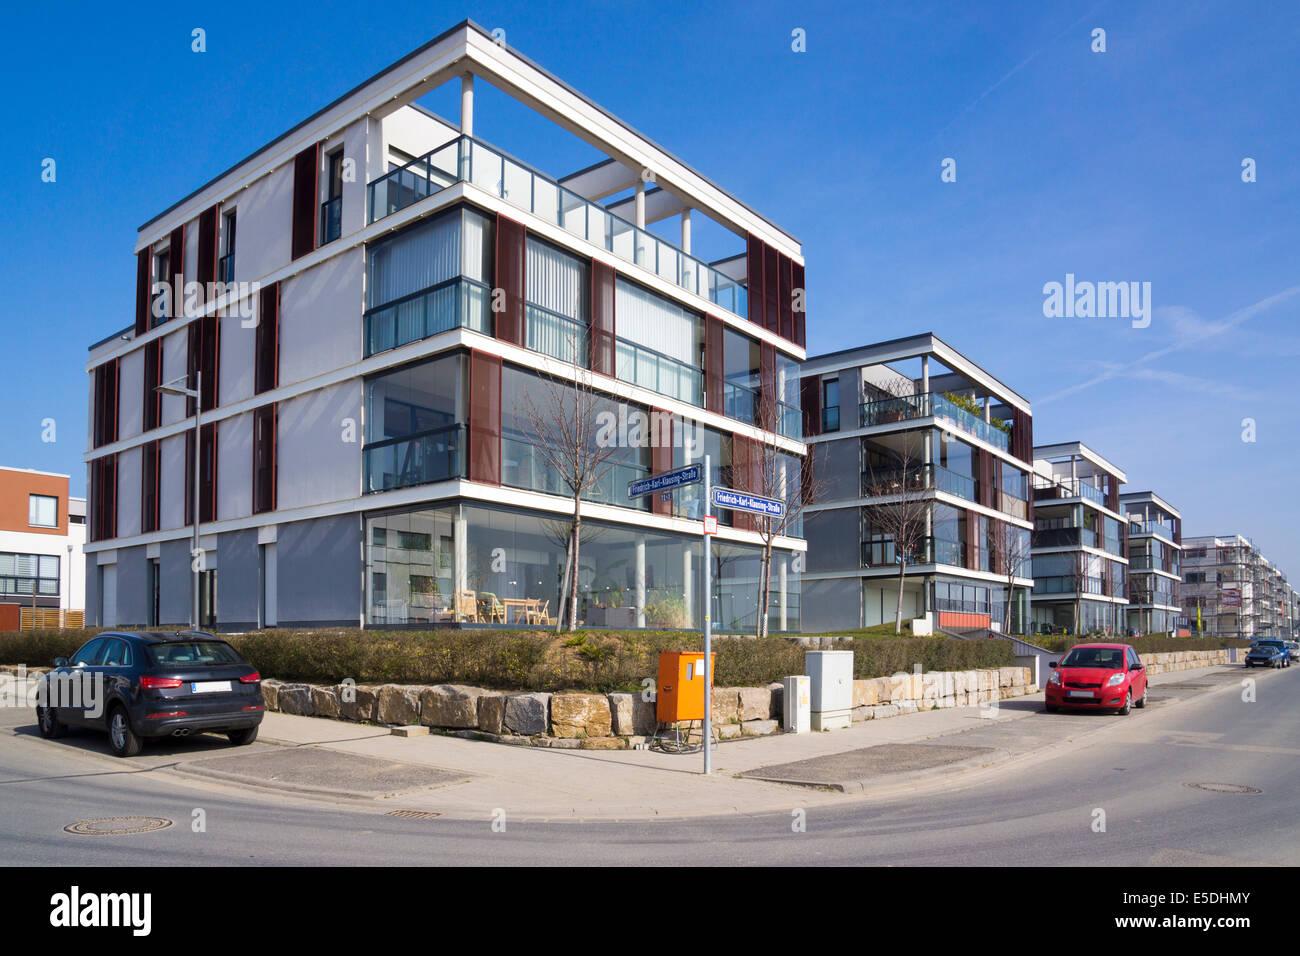 Ansprechend Moderne Mehrfamilienhäuser Referenz Von Deutschland, Hessen, Frankfurt-riedberg, Blick Auf Mehrfamilienhäuser